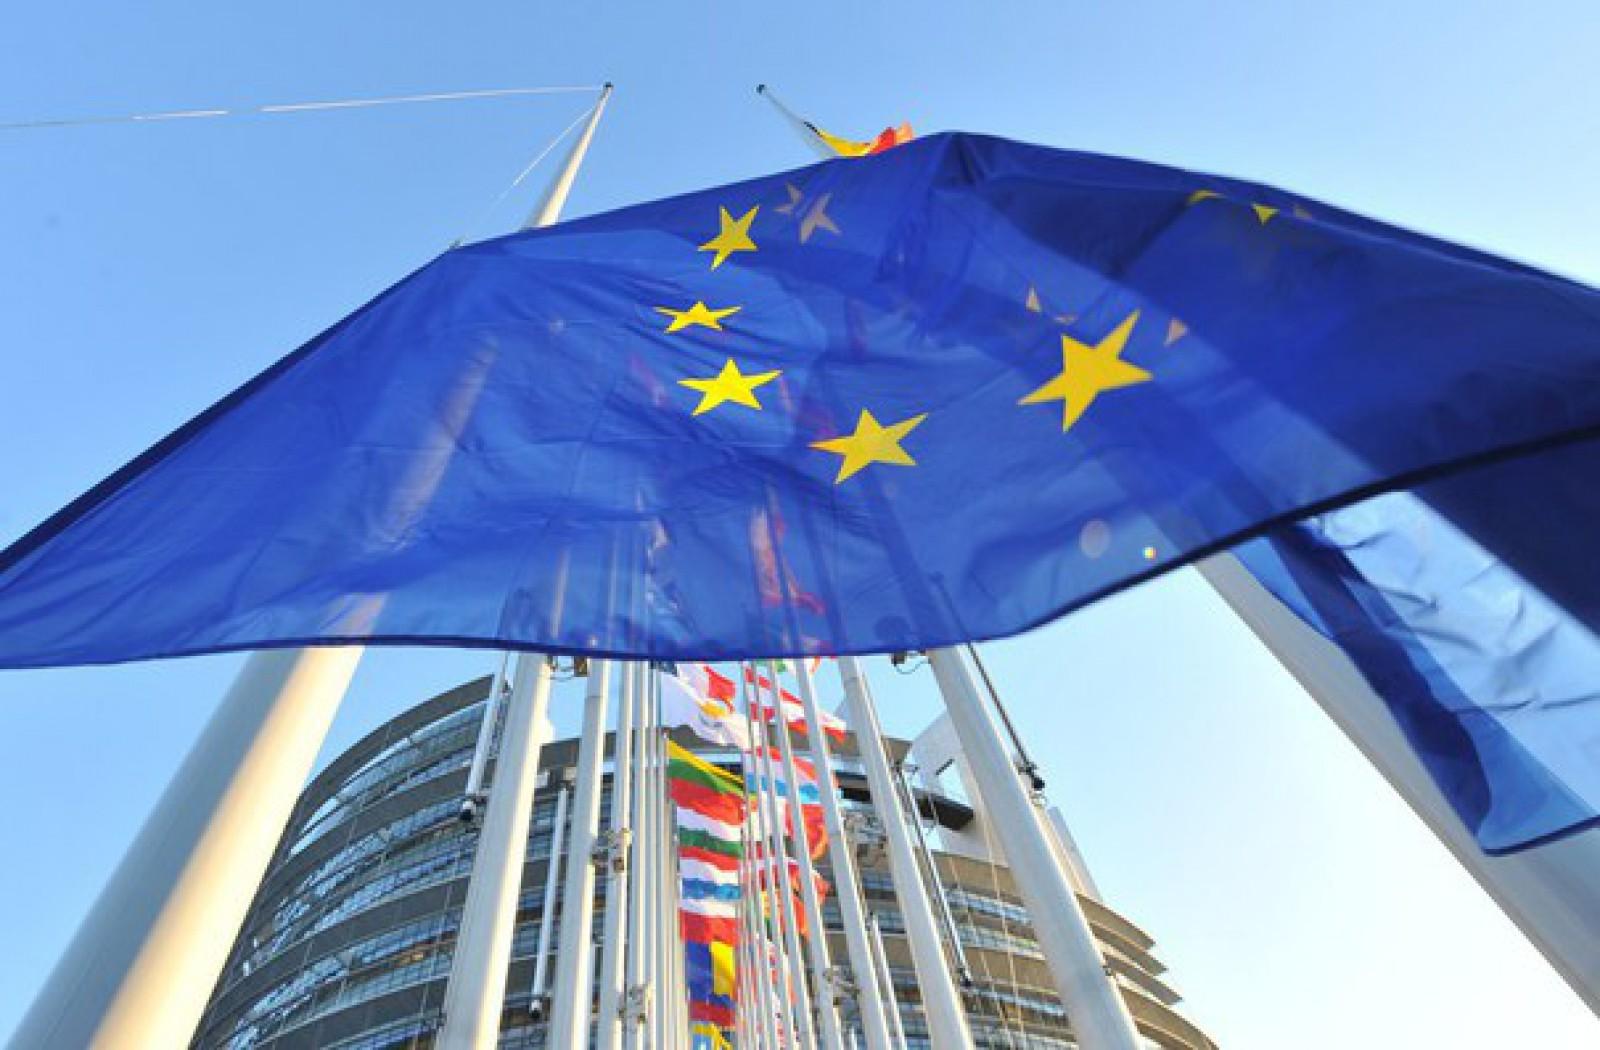 Serbia are ca scop să devină membră a Uniunii Europene până în 2025